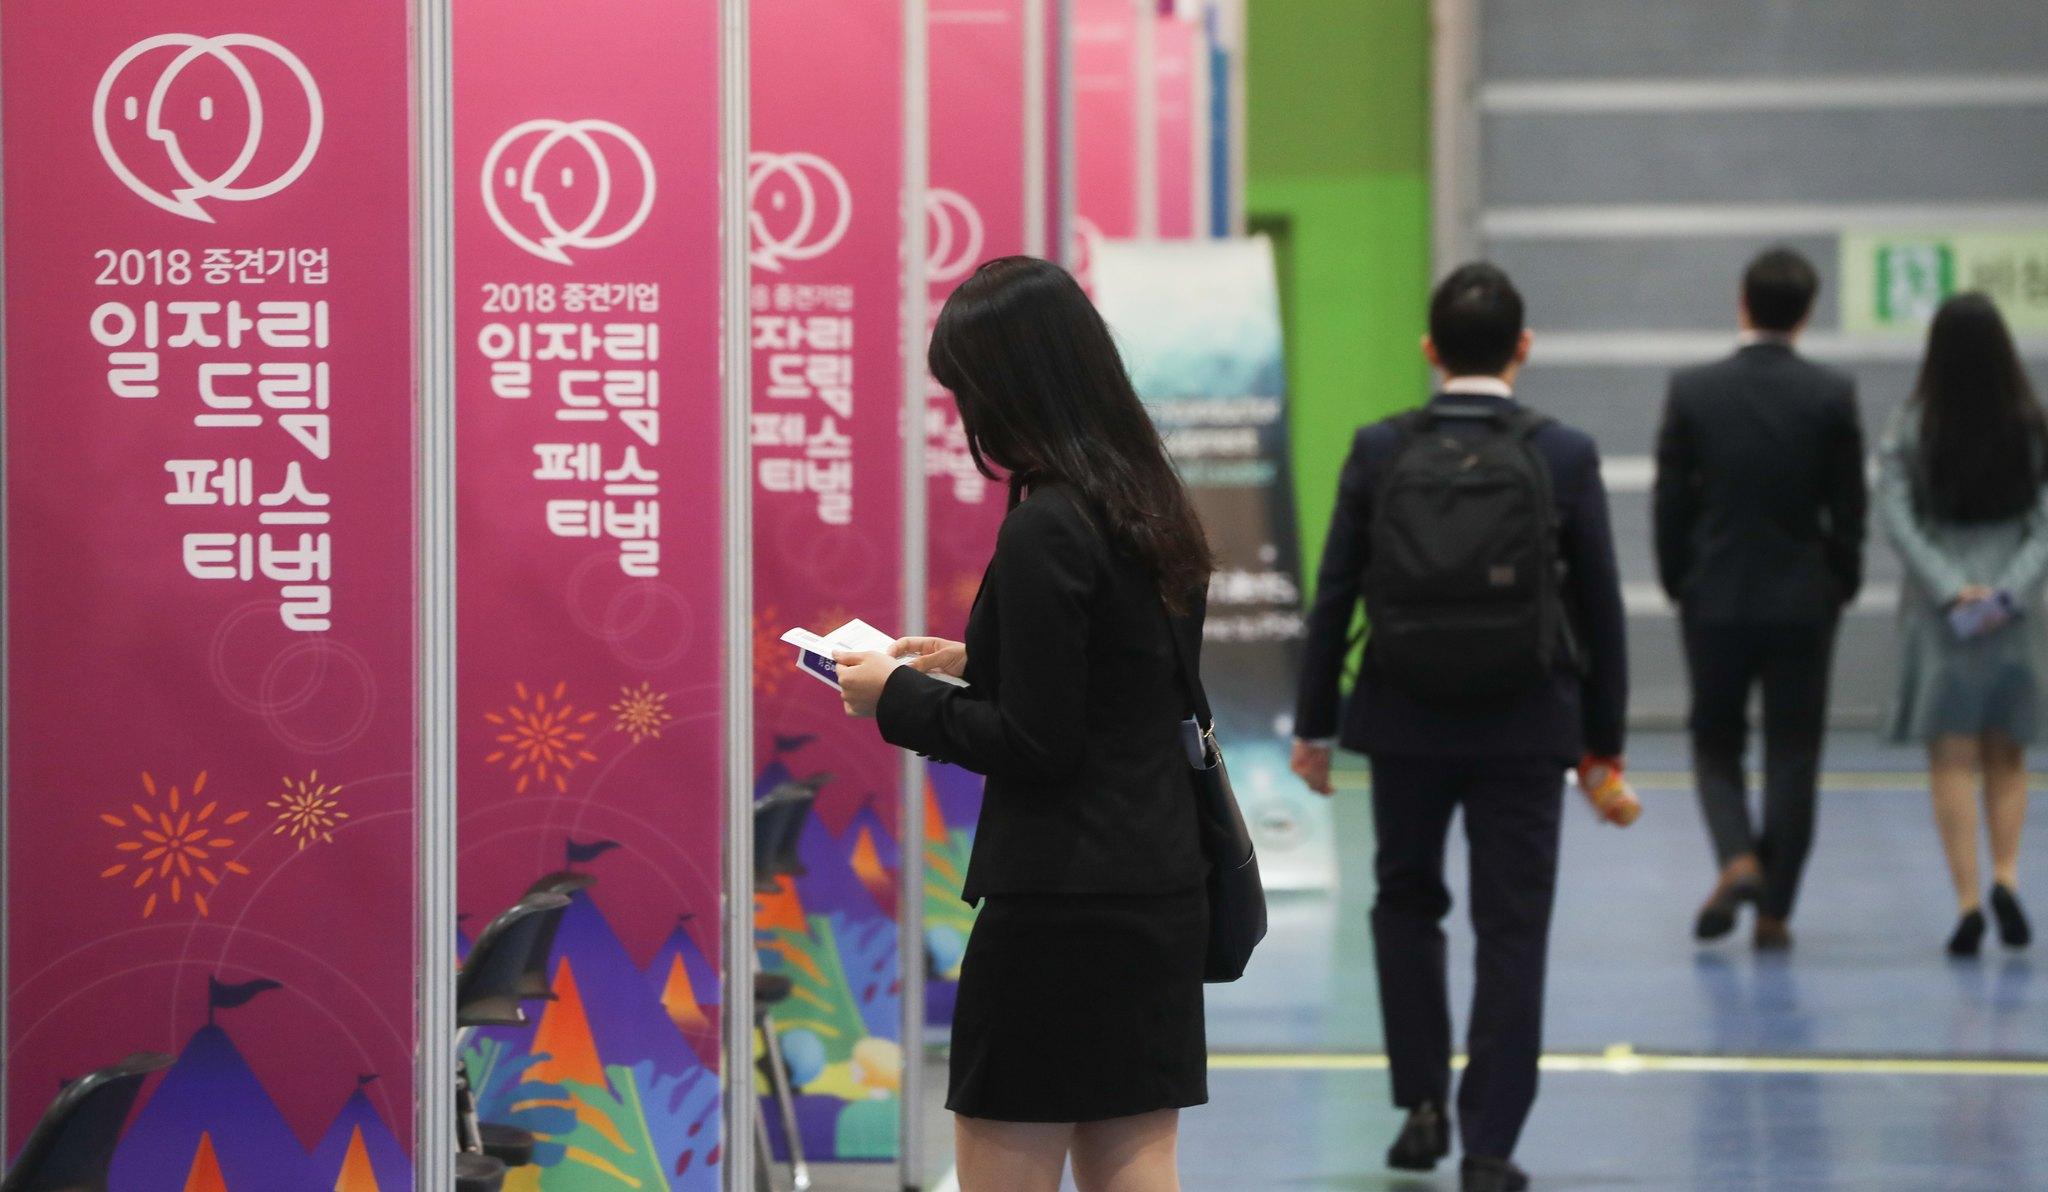 10일 서울 강남구 세텍(SETEC)에서 열린 '2018 중견기업 일자리 드림 페스티벌'에서 구직자들이 면접 순서를 기다리고 있다. [뉴스1]